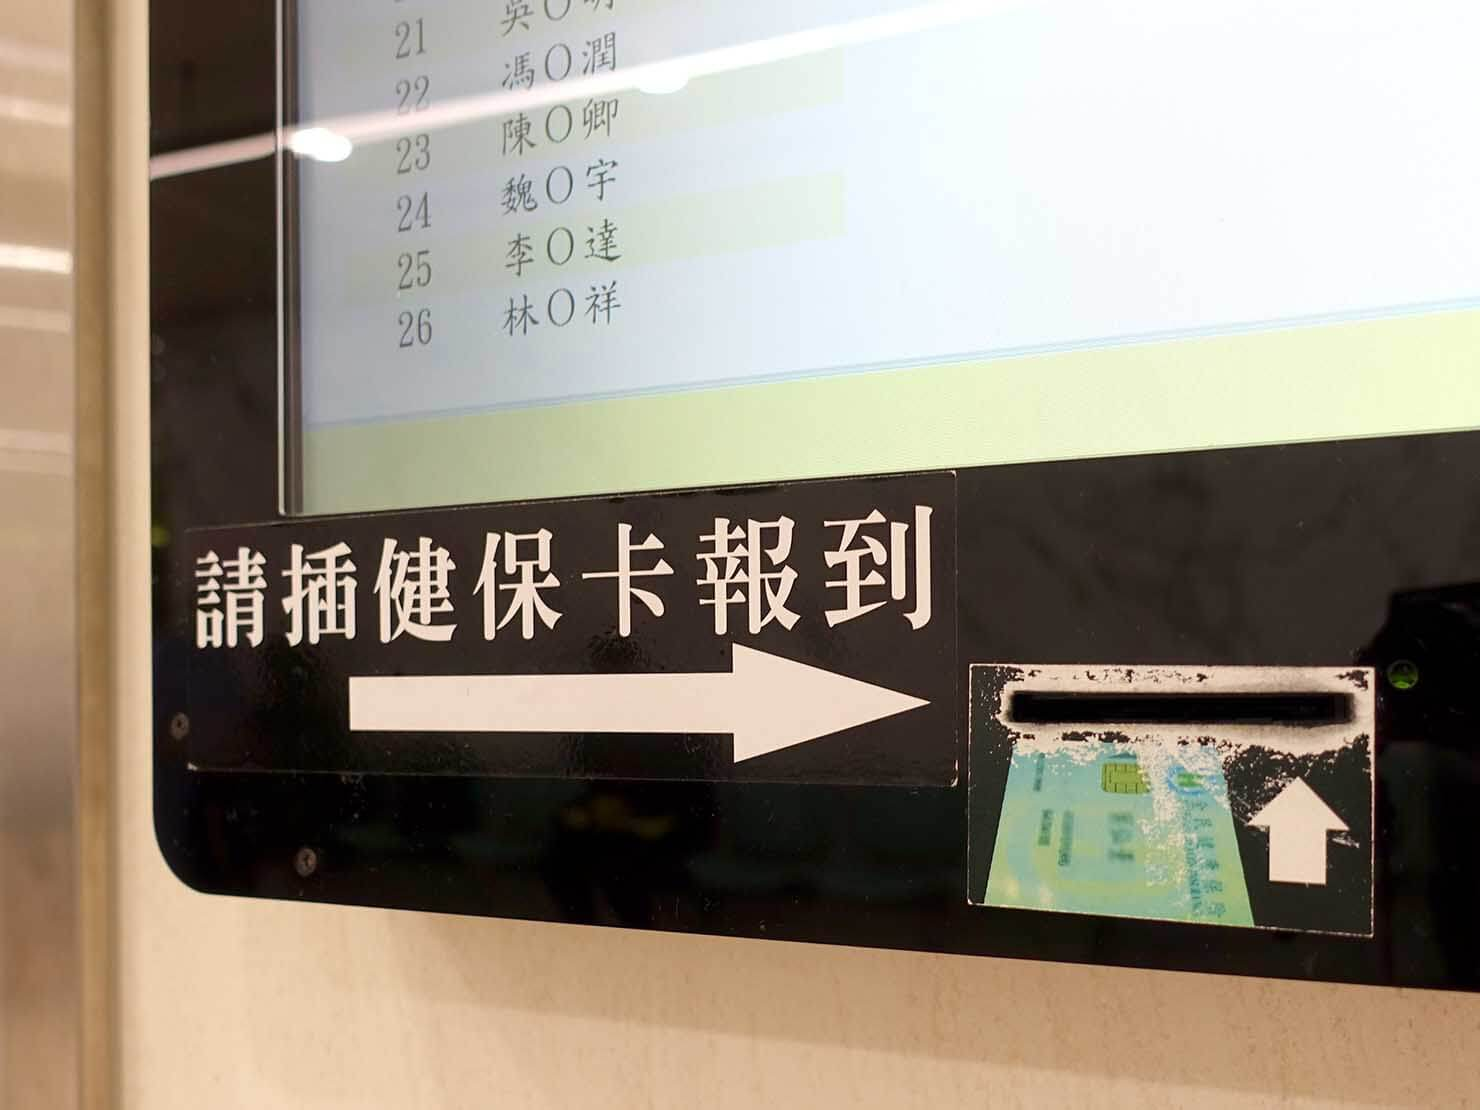 台北・國泰綜合醫院診察室前モニターのカード挿し込み口